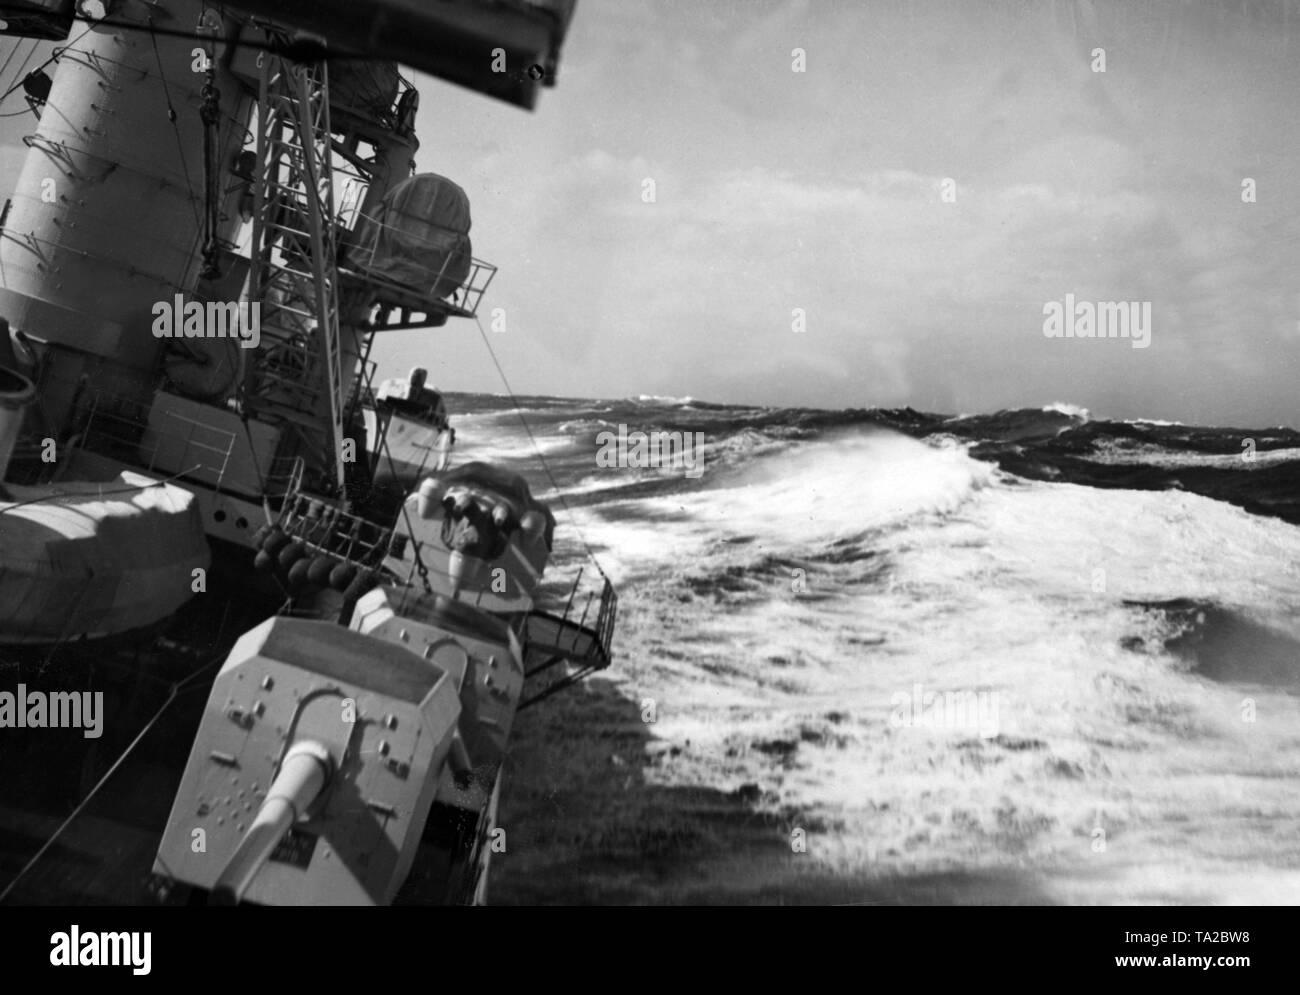 """Das Bild zeigt einen Teil des deutschen Schlachtschiff während eines Trainings Kreuzfahrt als Teil eines Manövers, die vorzeitig wegen des schlechten Wetters abgebrochen werden. Es könnte ein Schiff der """"Deutschland Klasse', die 'Deutschland', 'Admiral Scheer"""" oder """"Admiral Graf Spee"""". Stockbild"""